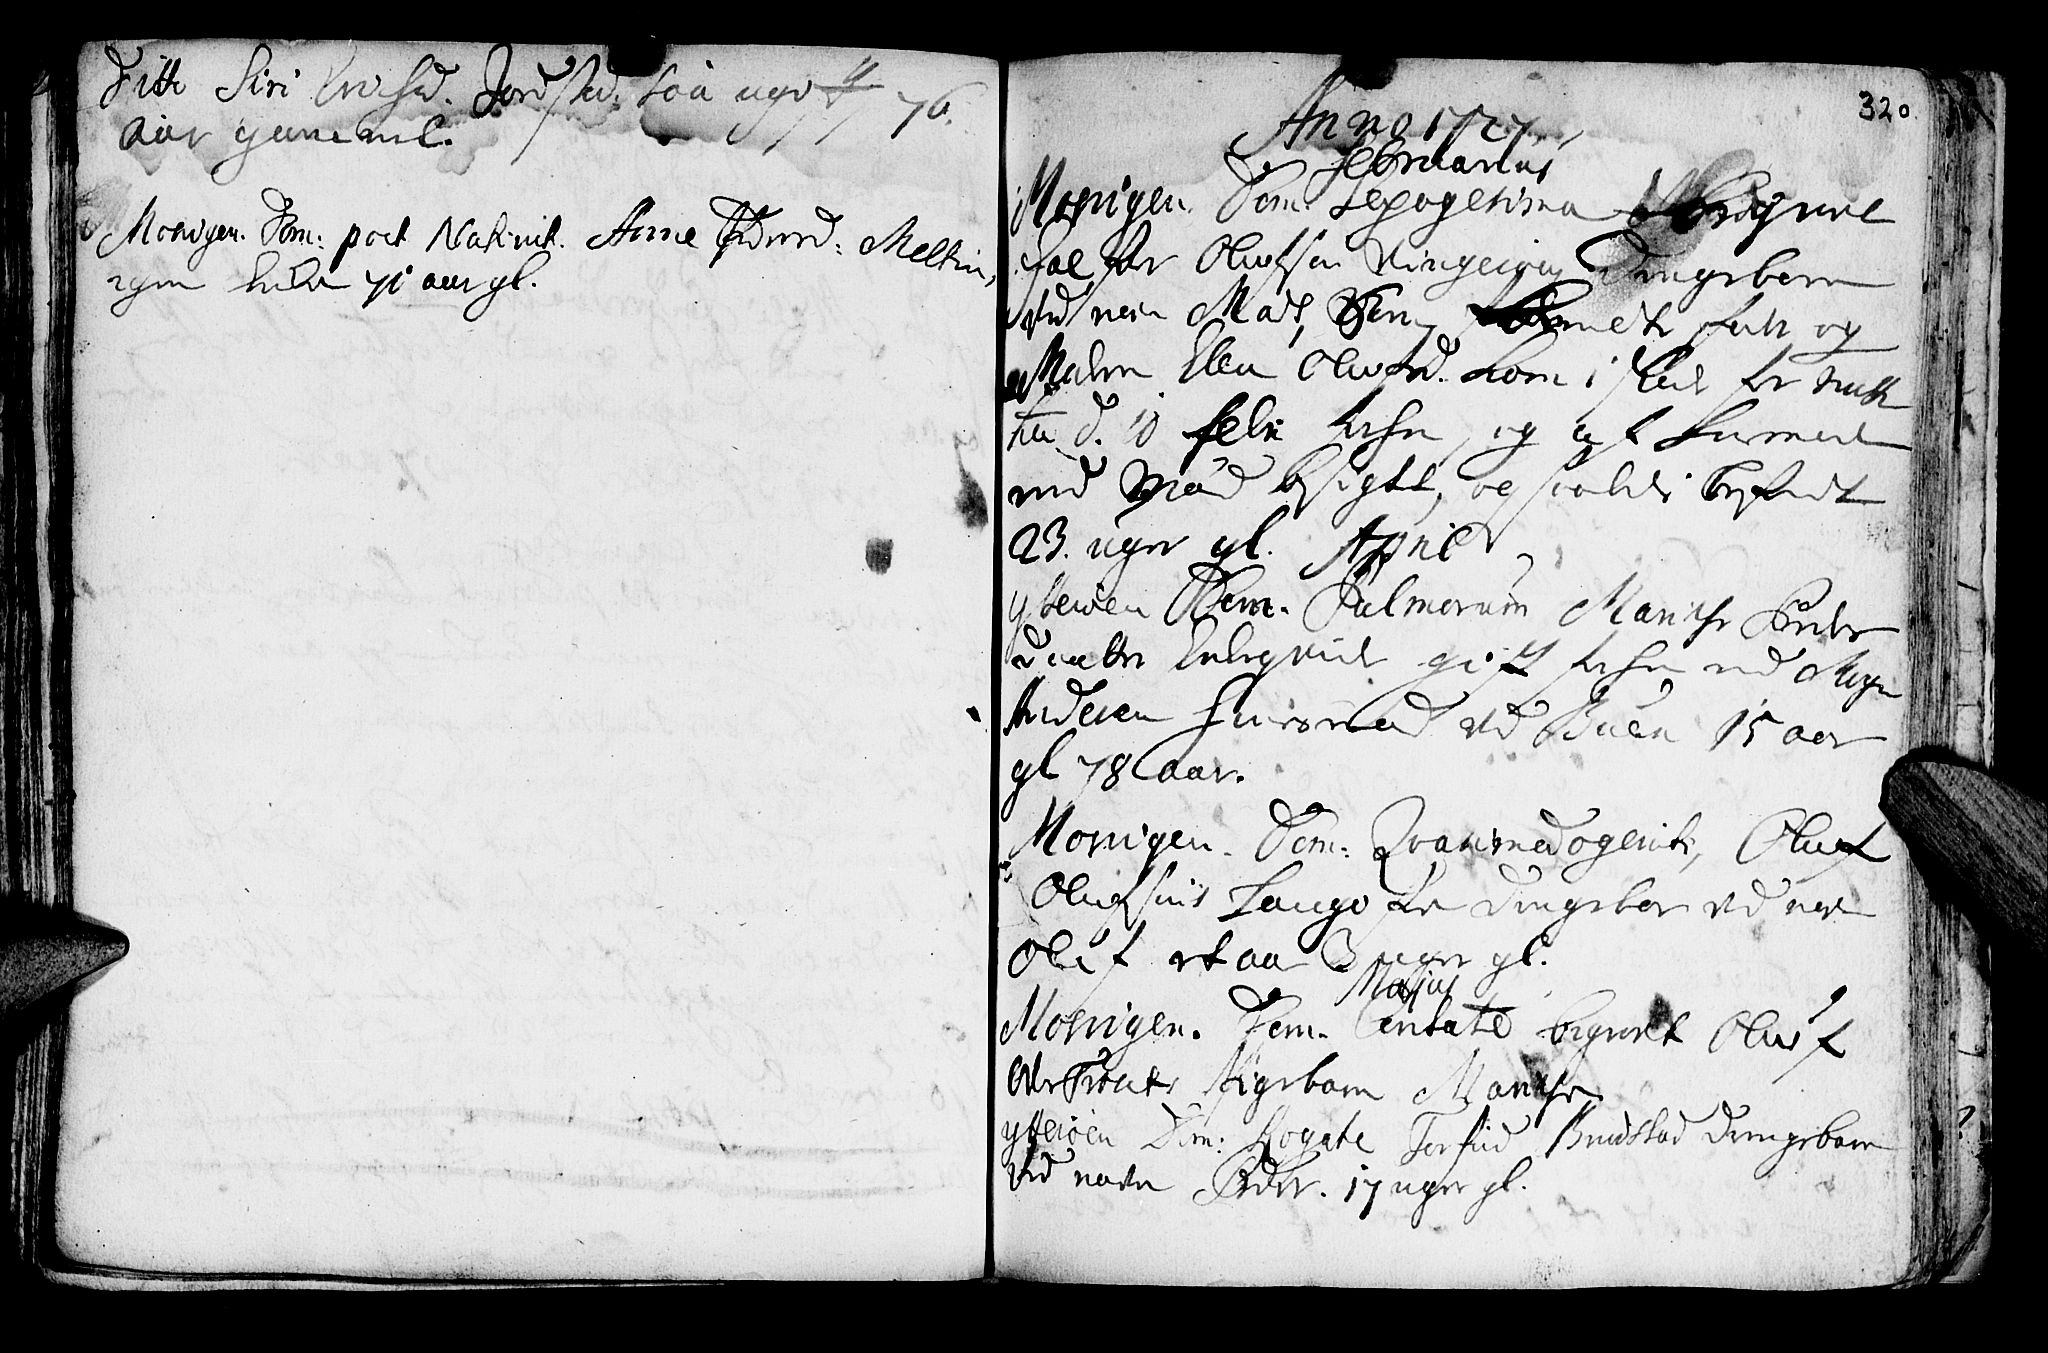 SAT, Ministerialprotokoller, klokkerbøker og fødselsregistre - Nord-Trøndelag, 722/L0215: Ministerialbok nr. 722A02, 1718-1755, s. 320